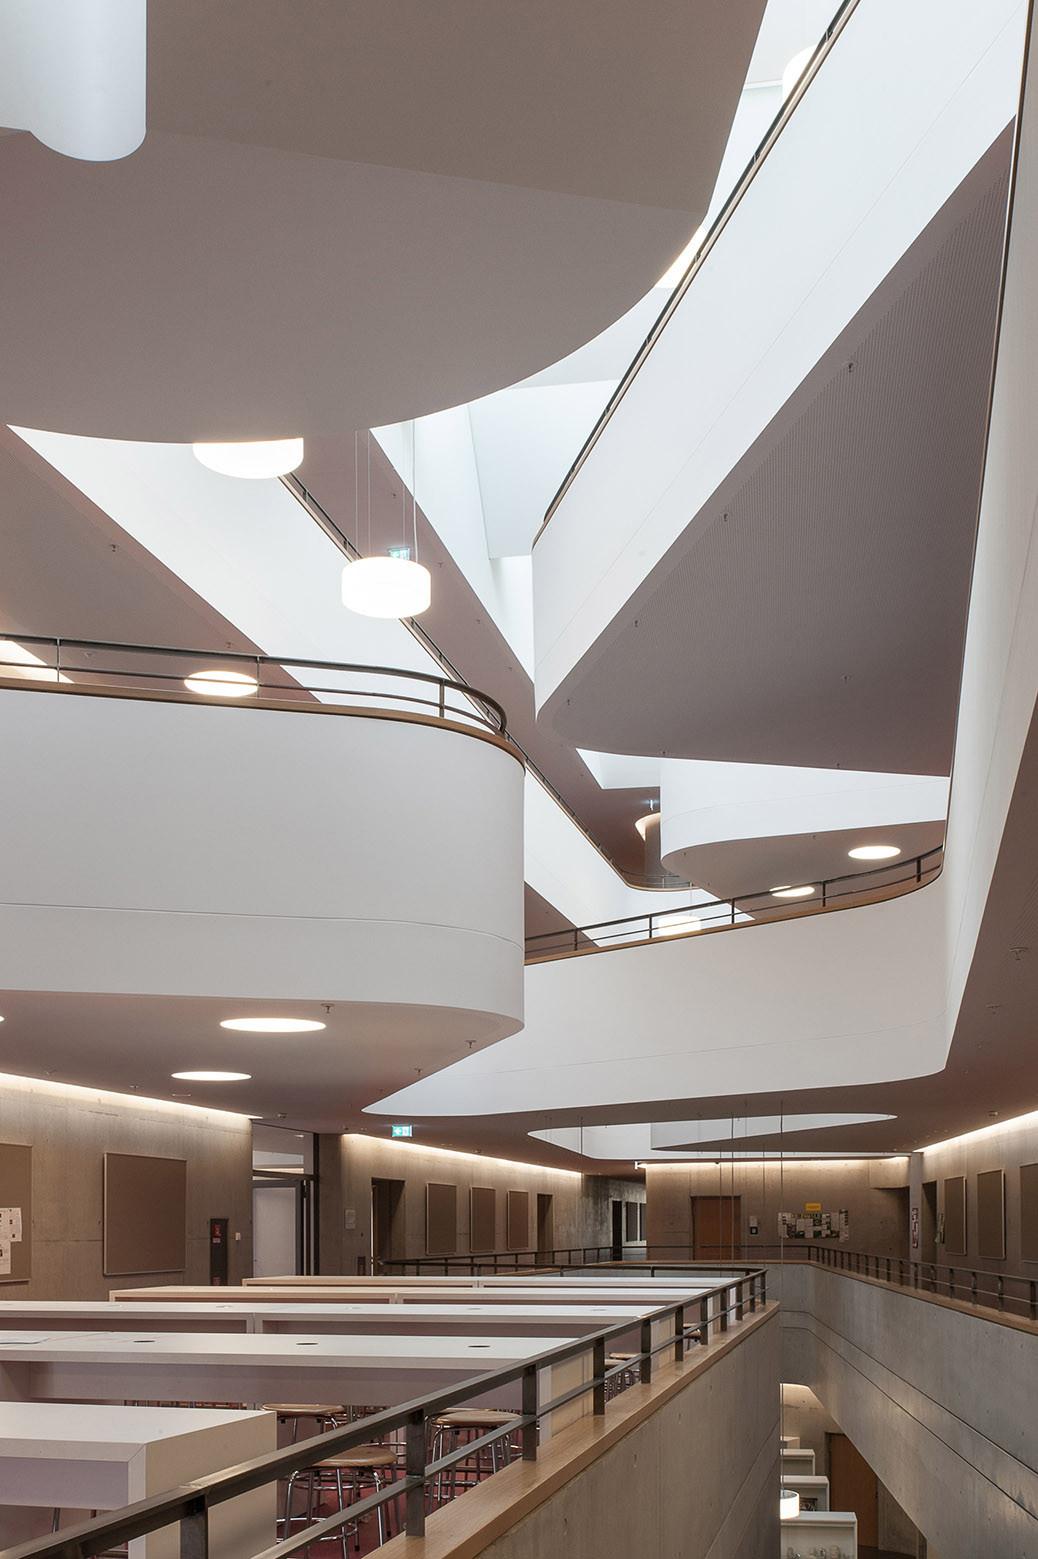 Architekten Konstanz gallery of learning centre biberach lanz schwager architekten 42